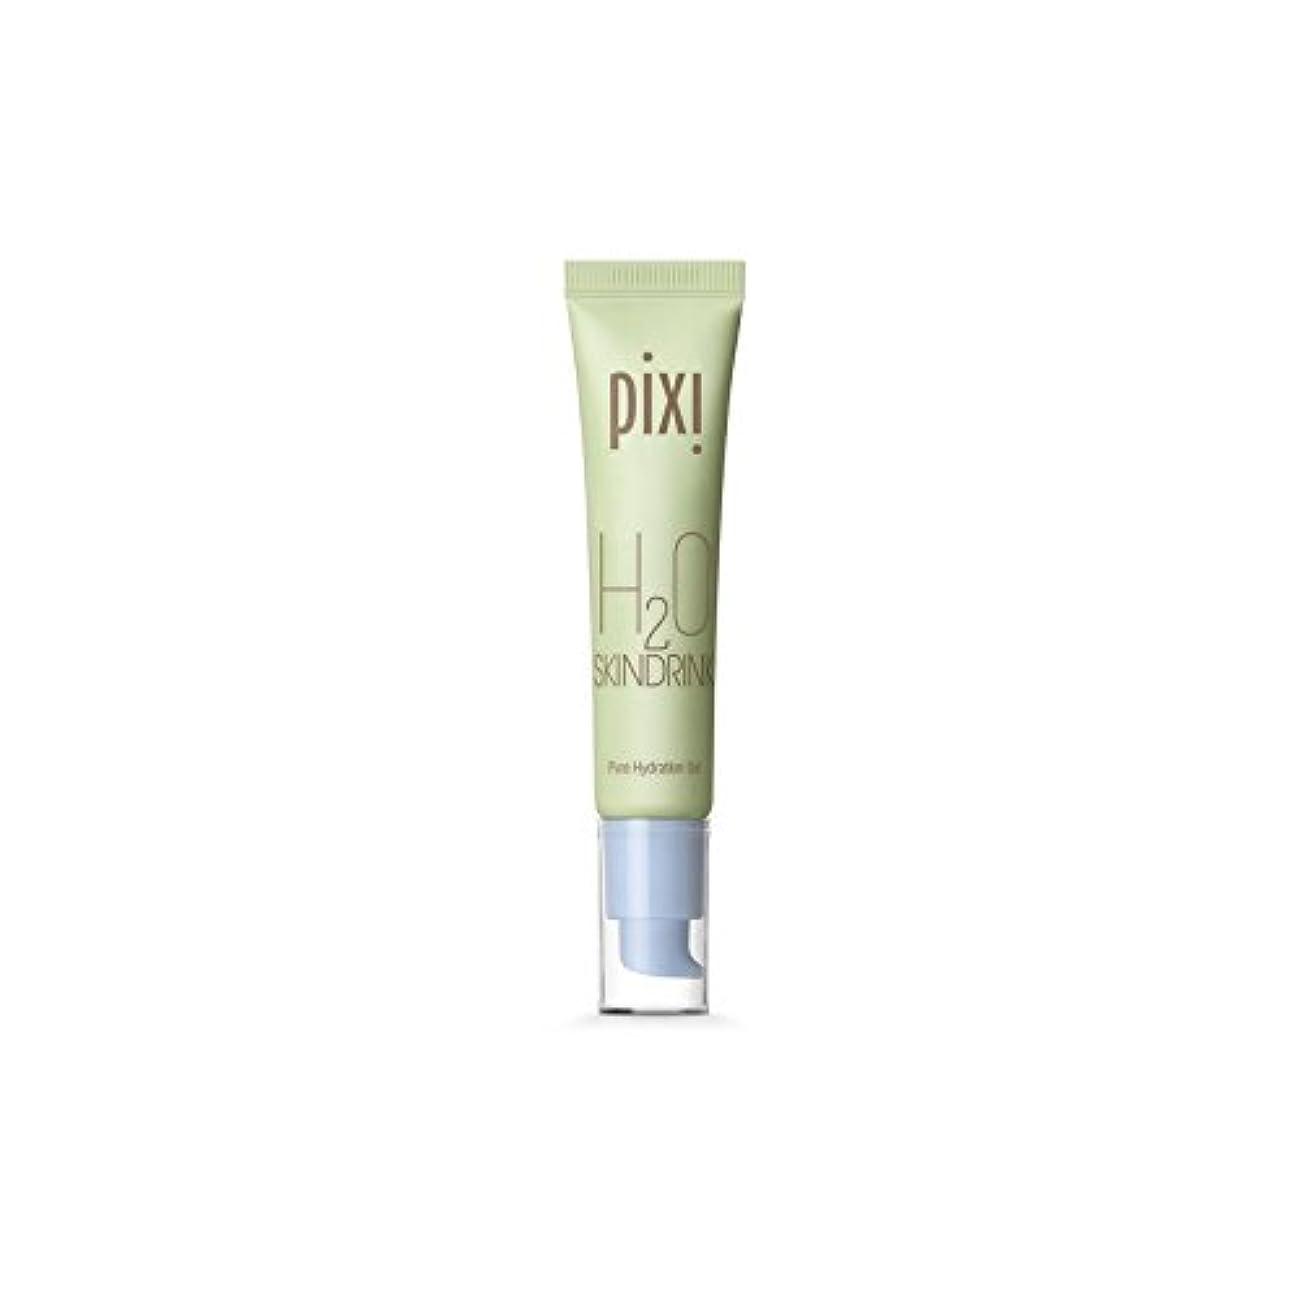 山手がかり同等のPixi H20 Skin Drink - 20スキンドリンク [並行輸入品]